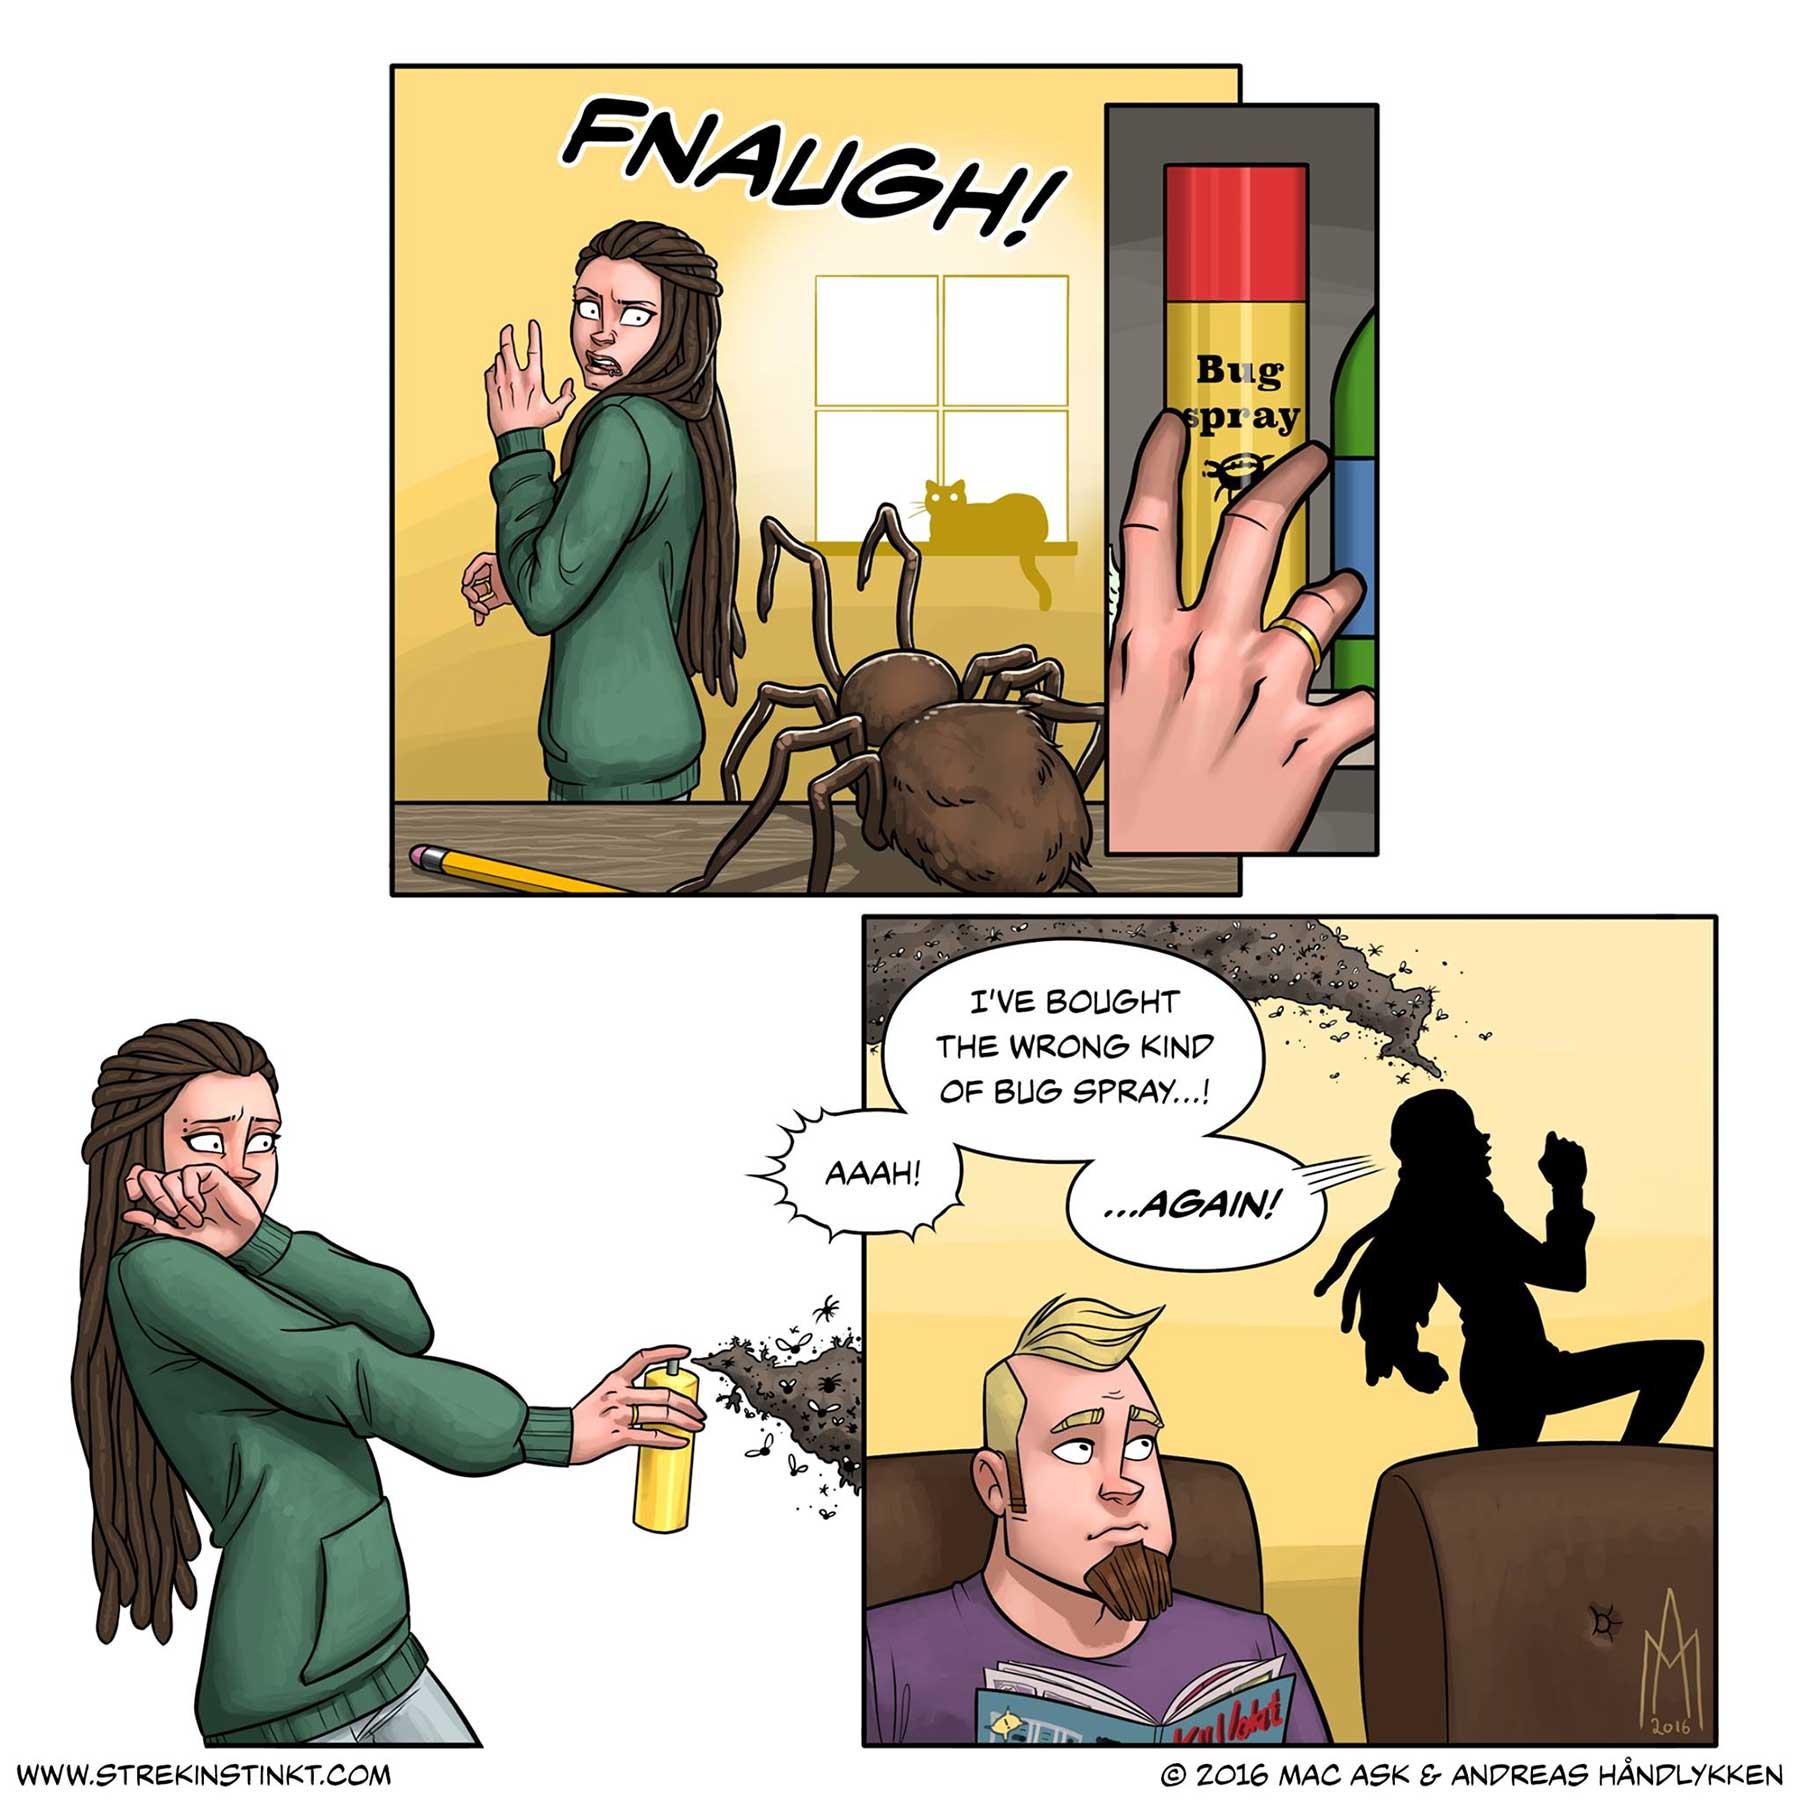 Alltags-Beziehungs-Webcomics von Mac und Andreas Håndlykken 4am-strekinstinkt_05